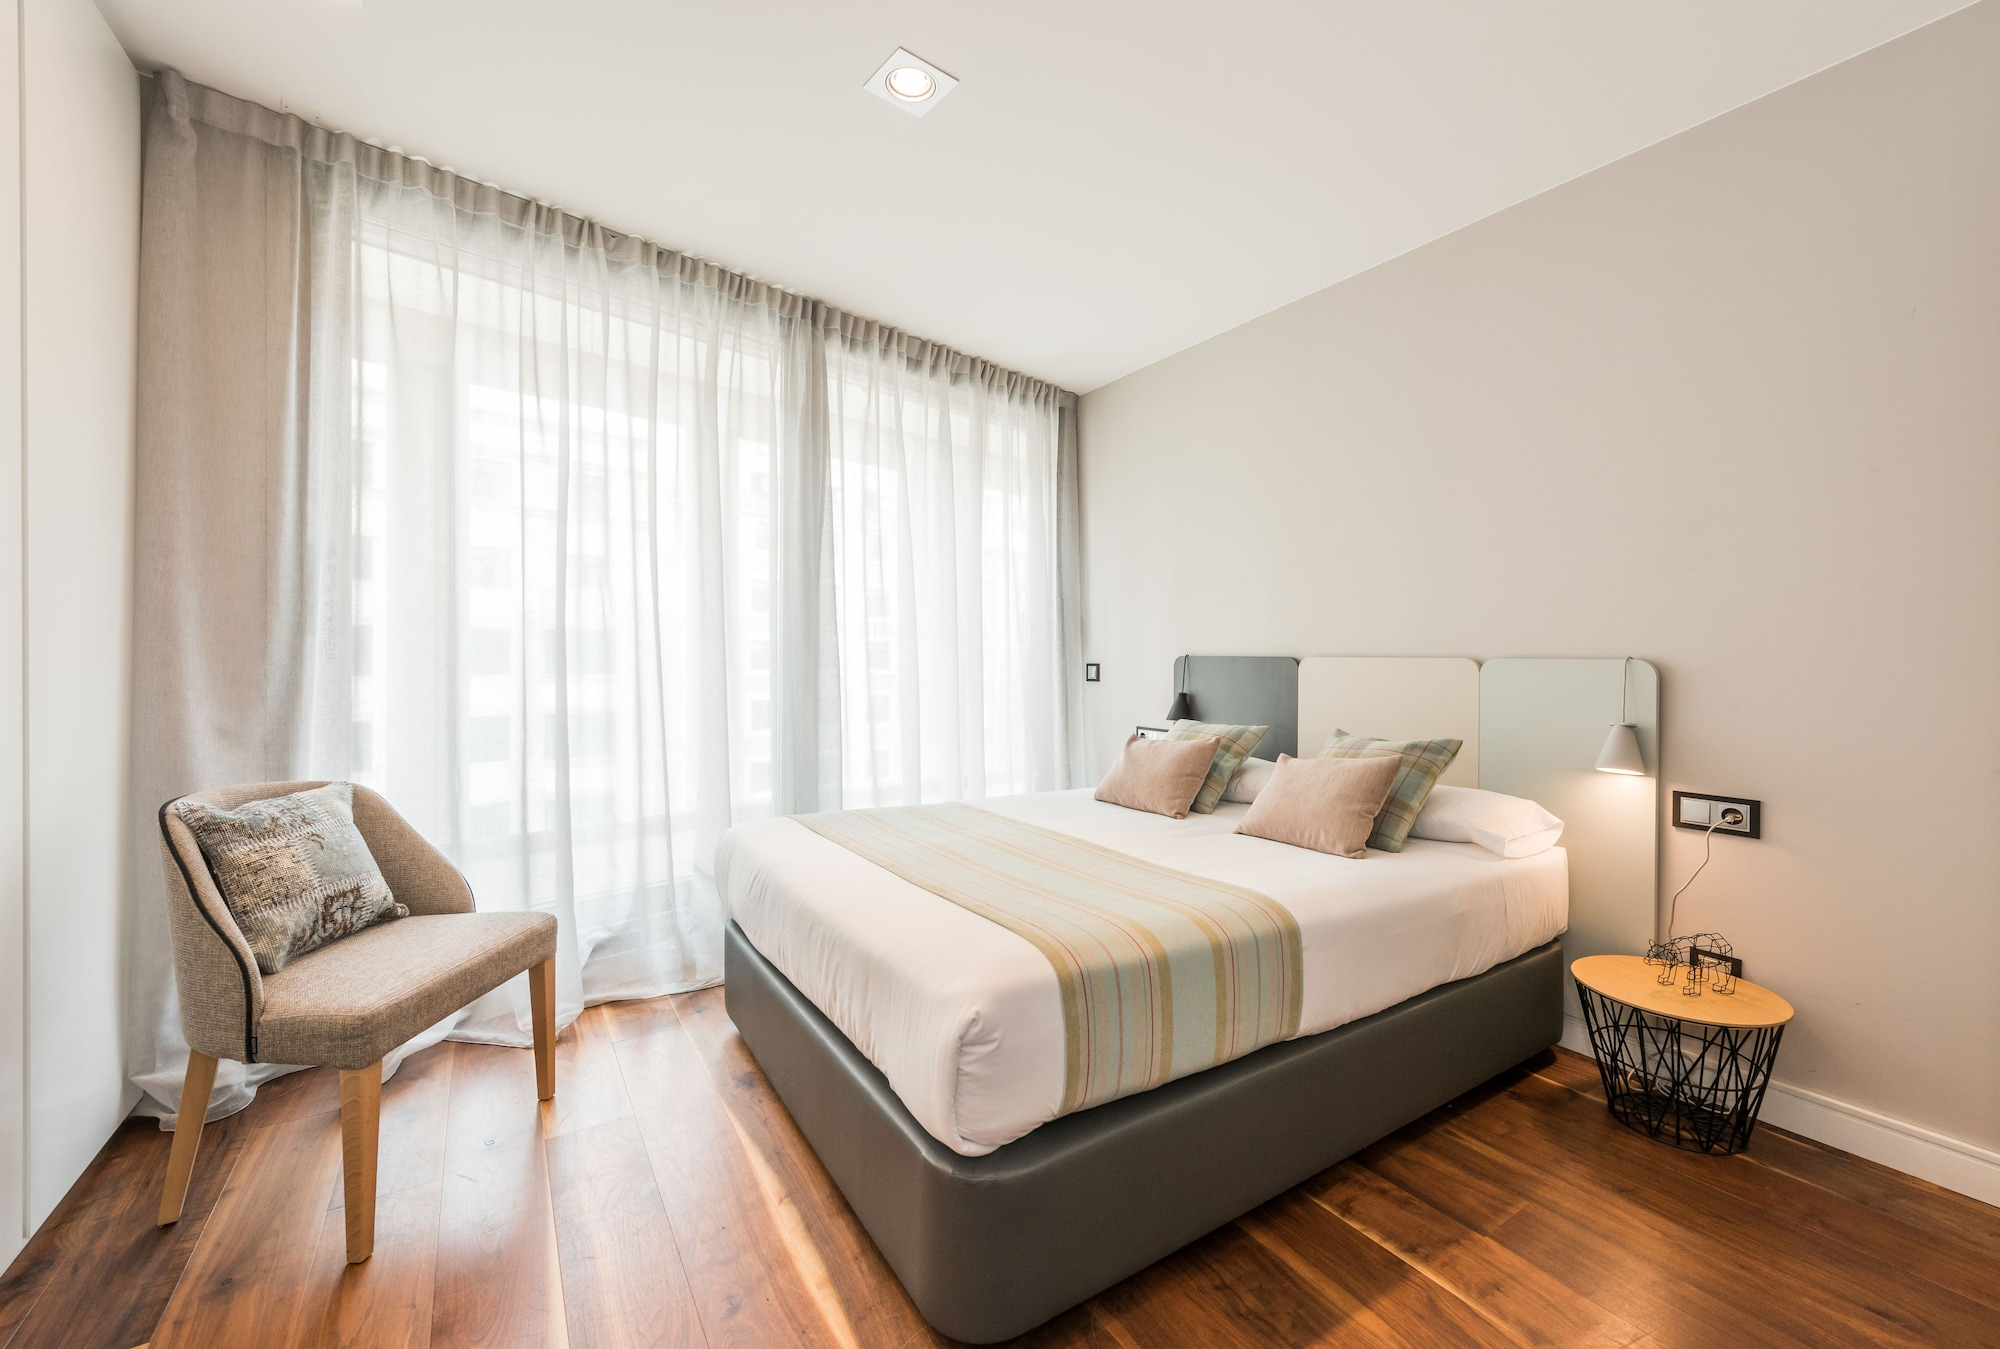 Duplex, 4 Bedrooms, Terrace